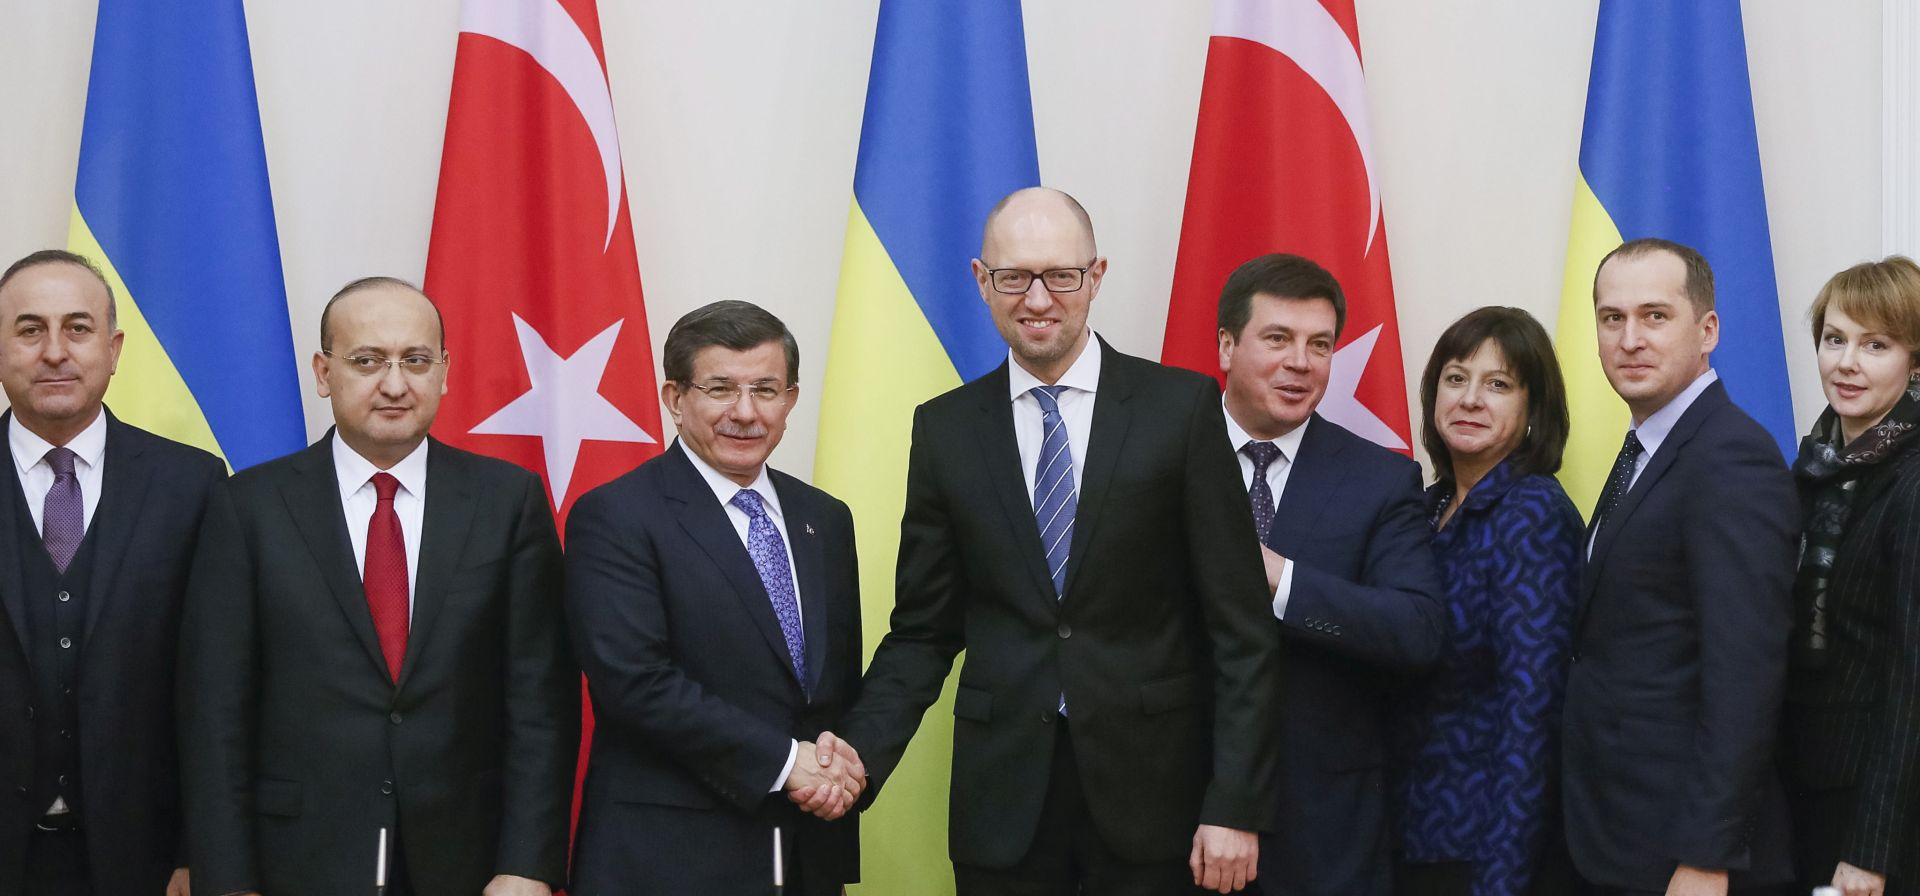 """Ankara optužuje Moskvu da se ponaša kao """"teroristička organizacija"""", Moskva Ankaru da je """"prijetnja miru"""""""